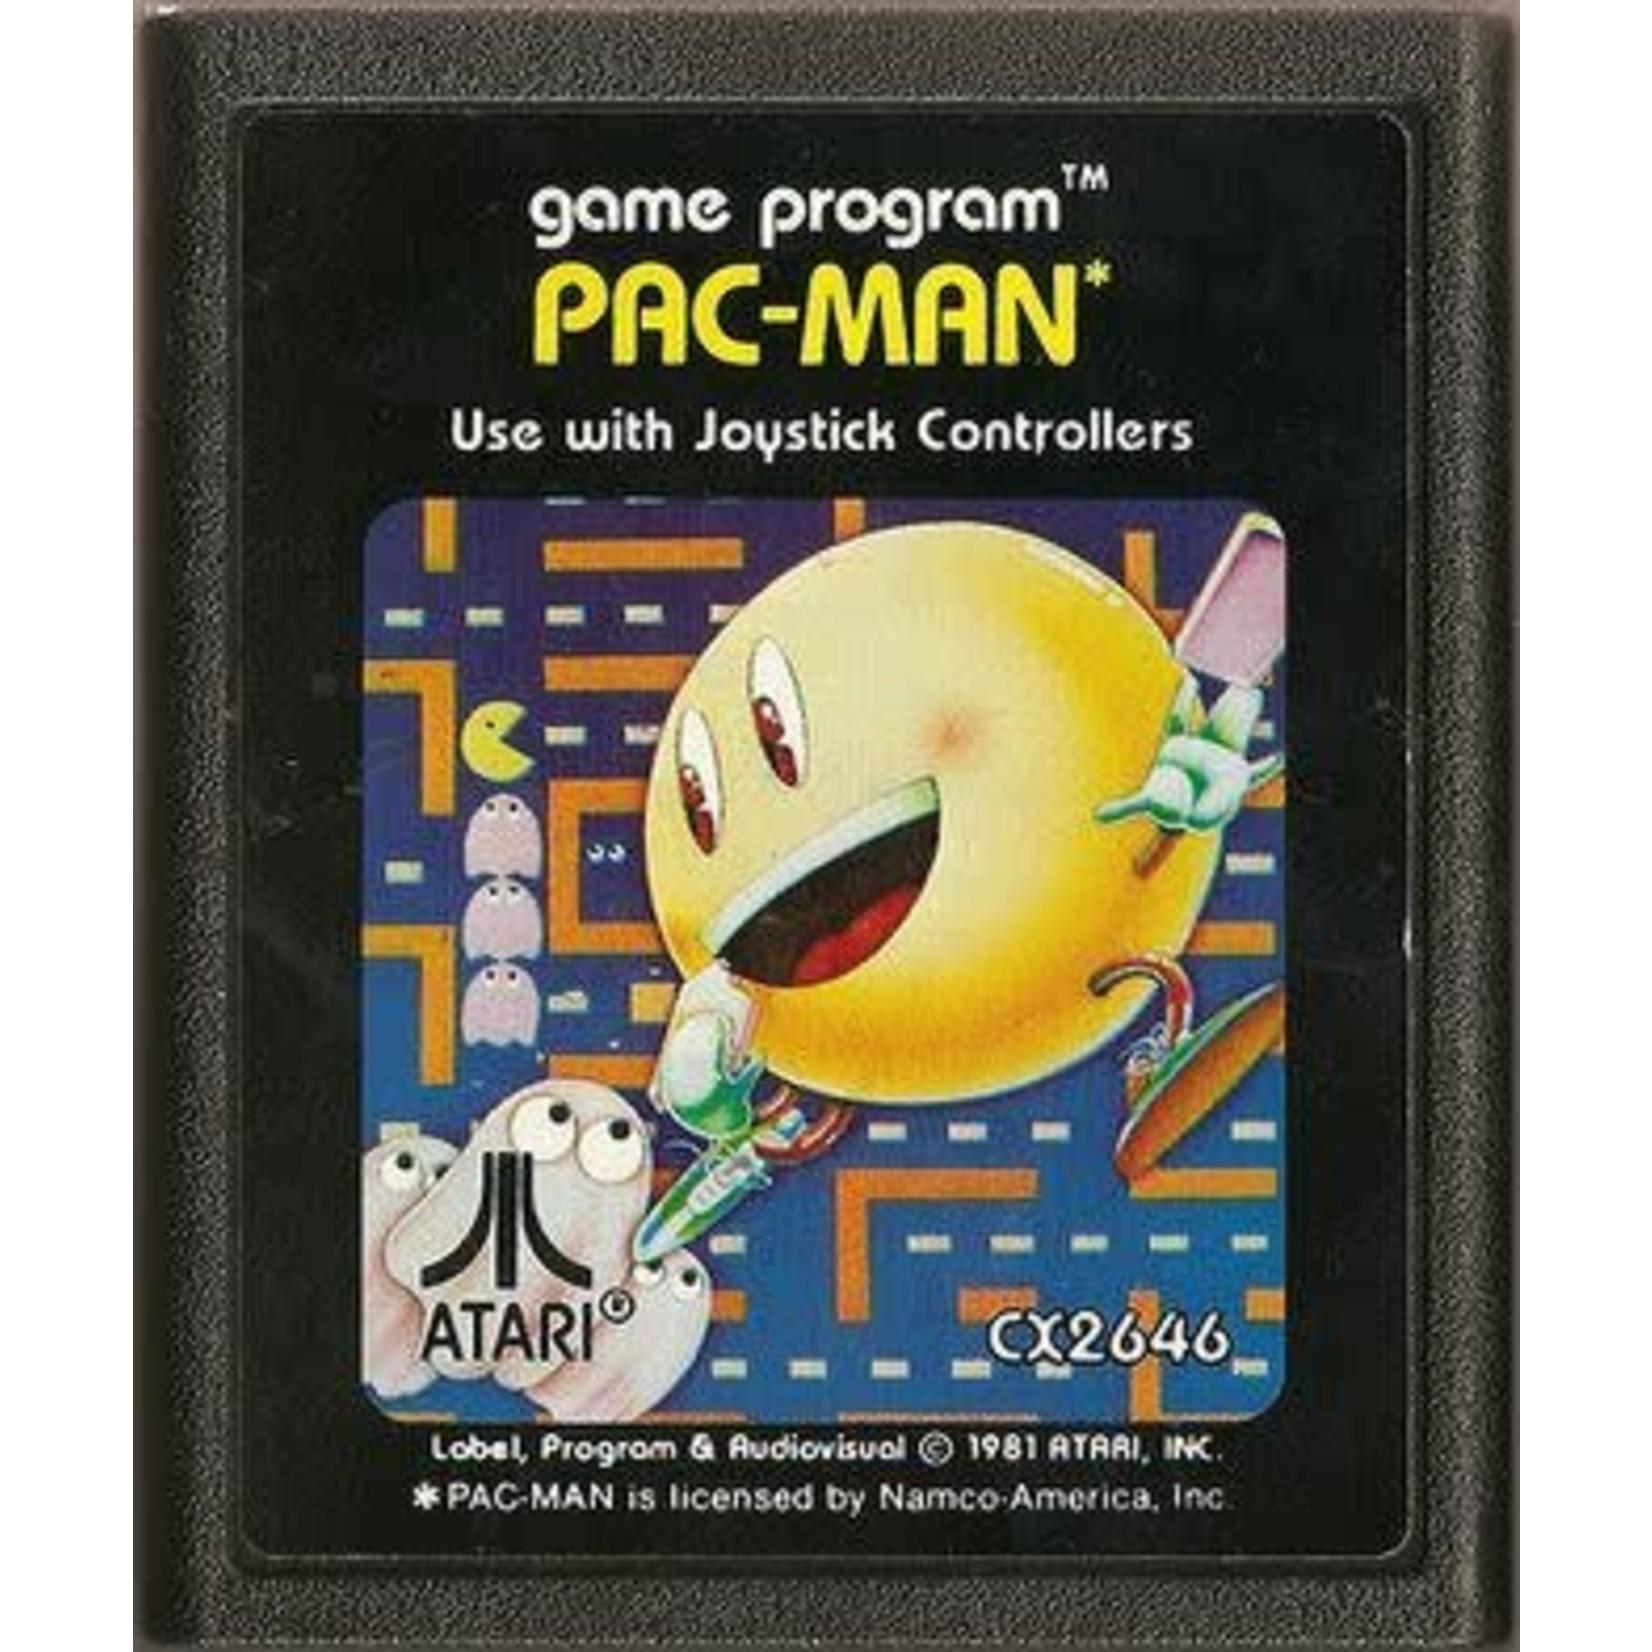 ATARIU-PAC-MAN (CART ONLY)